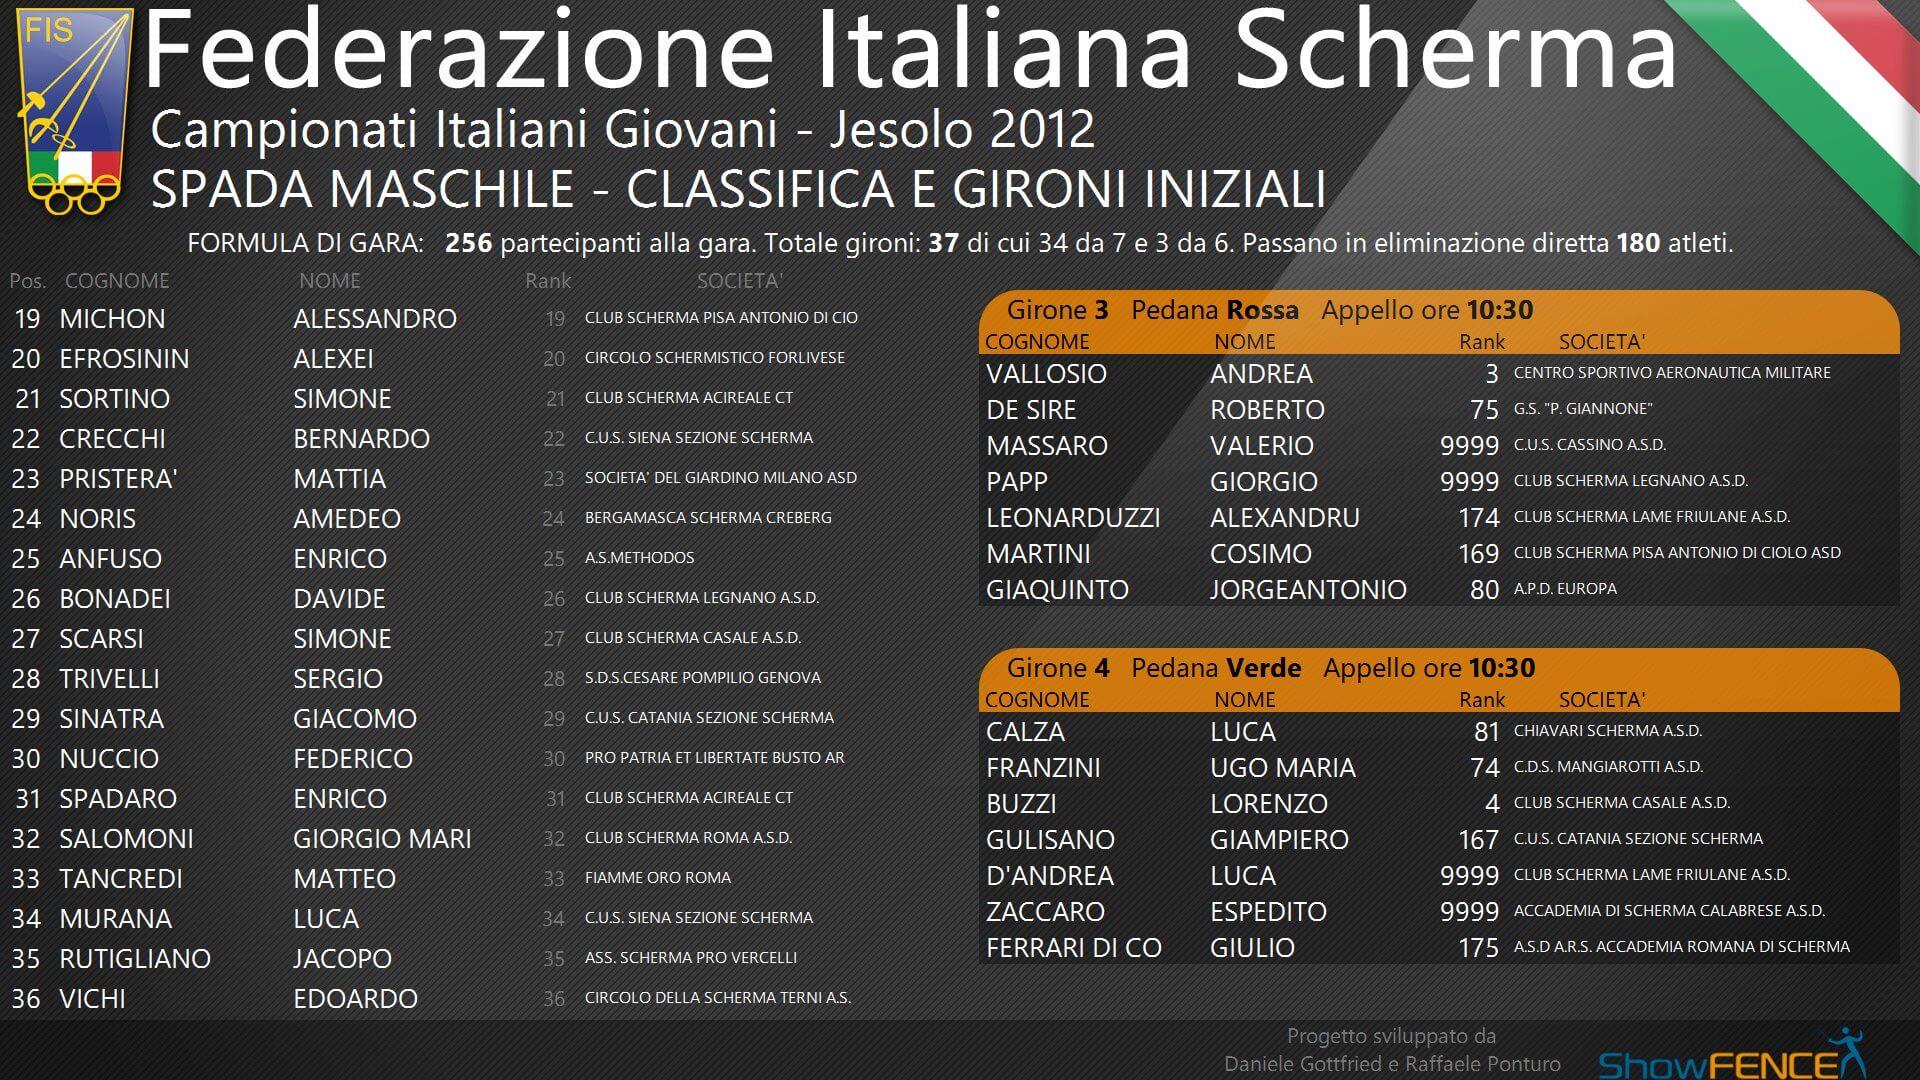 Federazione Italiana Scherma Calendario Gare.4fence